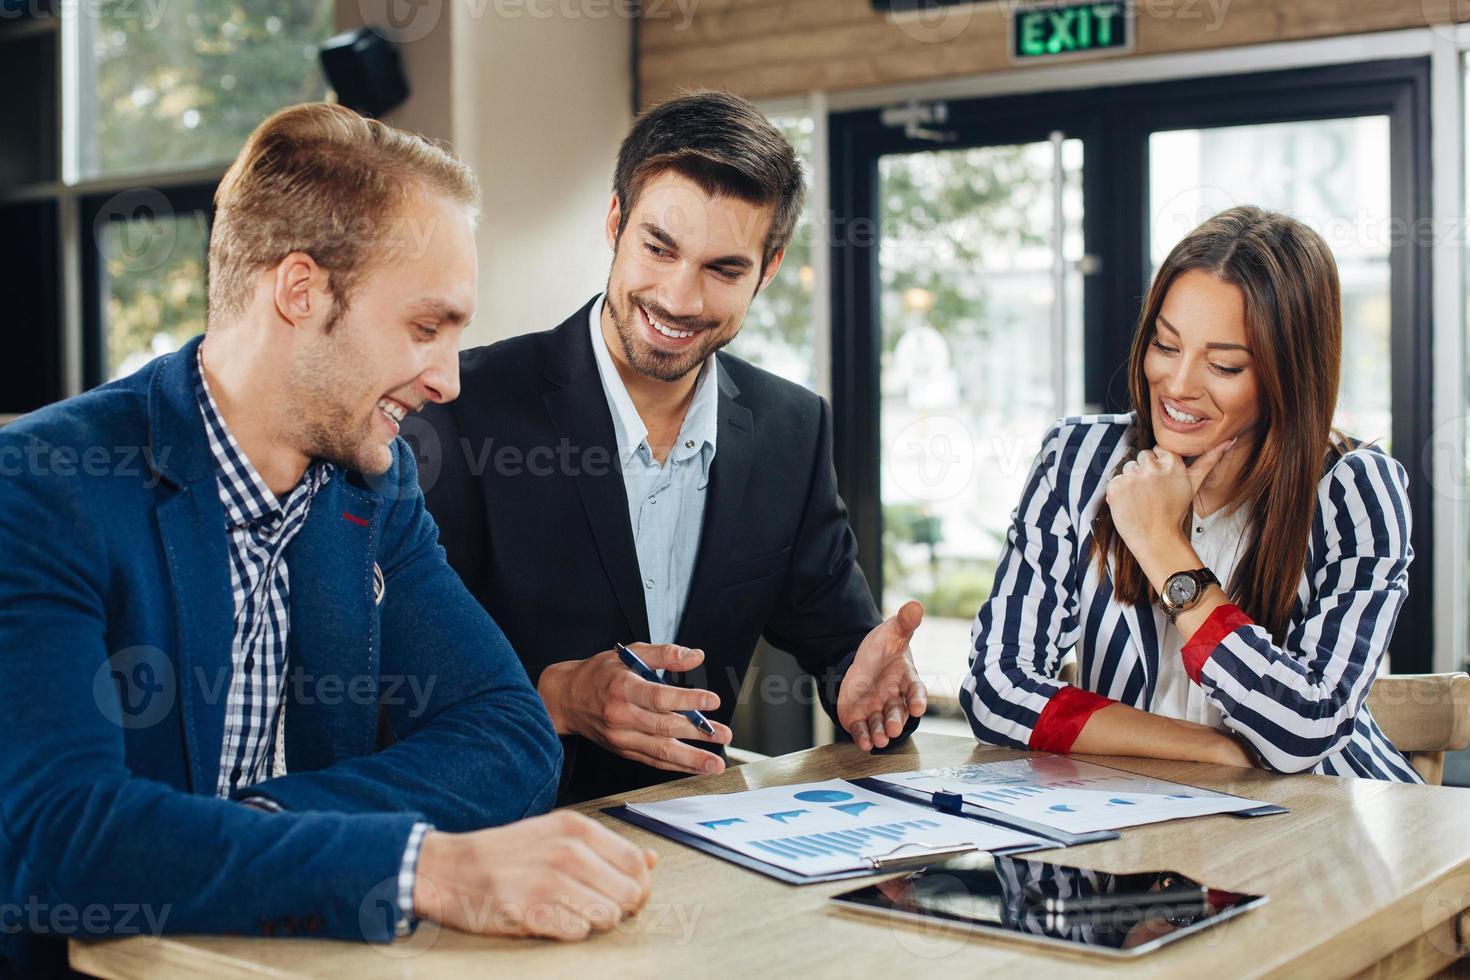 pequeno grupo de jovens em uma reunião de negócios foto